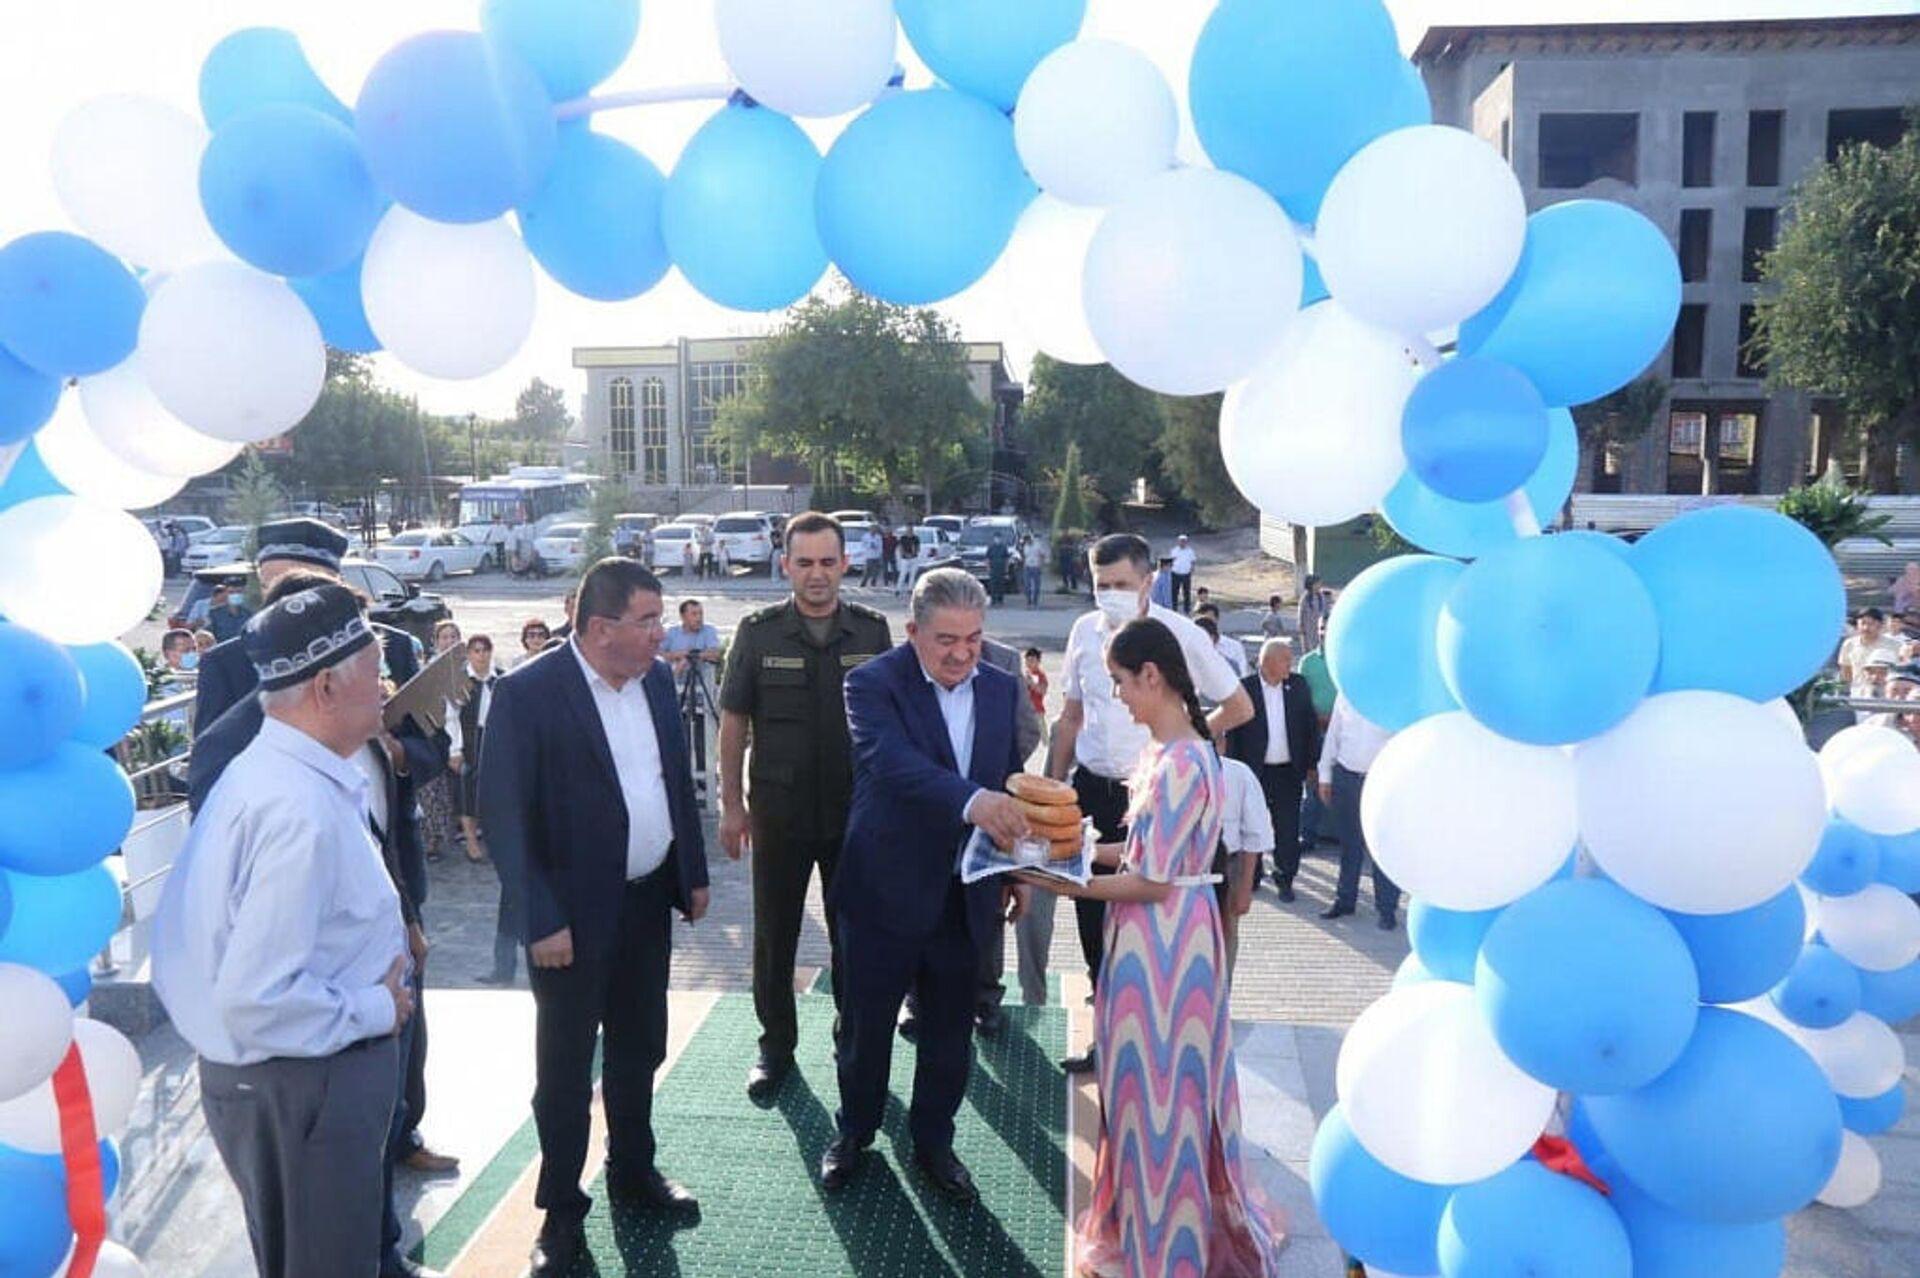 Новый ж/д вокзал открыли в Сурхандарьинской области - Sputnik Узбекистан, 1920, 06.09.2021